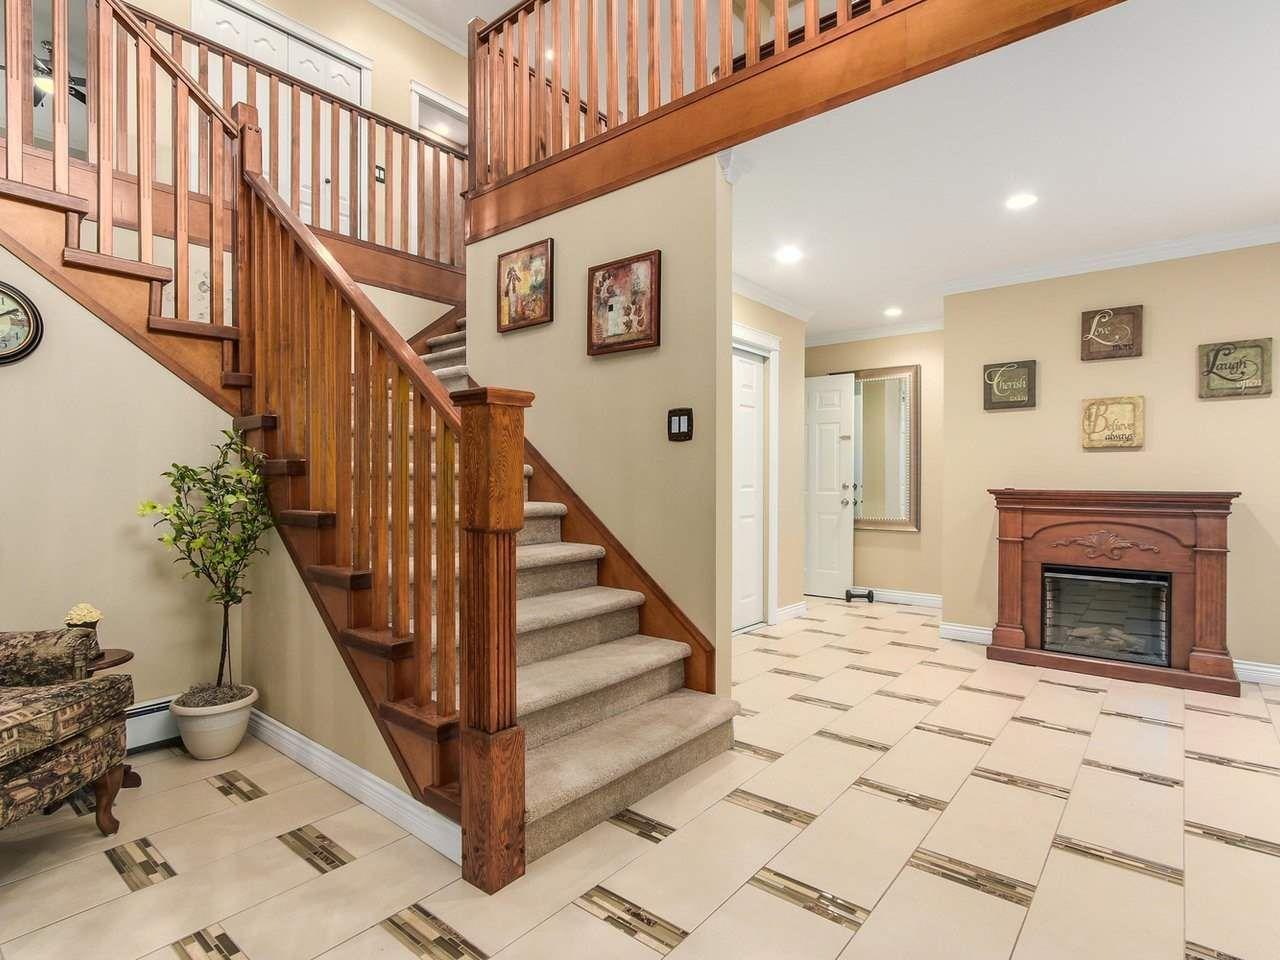 Photo 2: Photos: 725 REGAN Avenue in Coquitlam: Coquitlam West House for sale : MLS®# R2226266